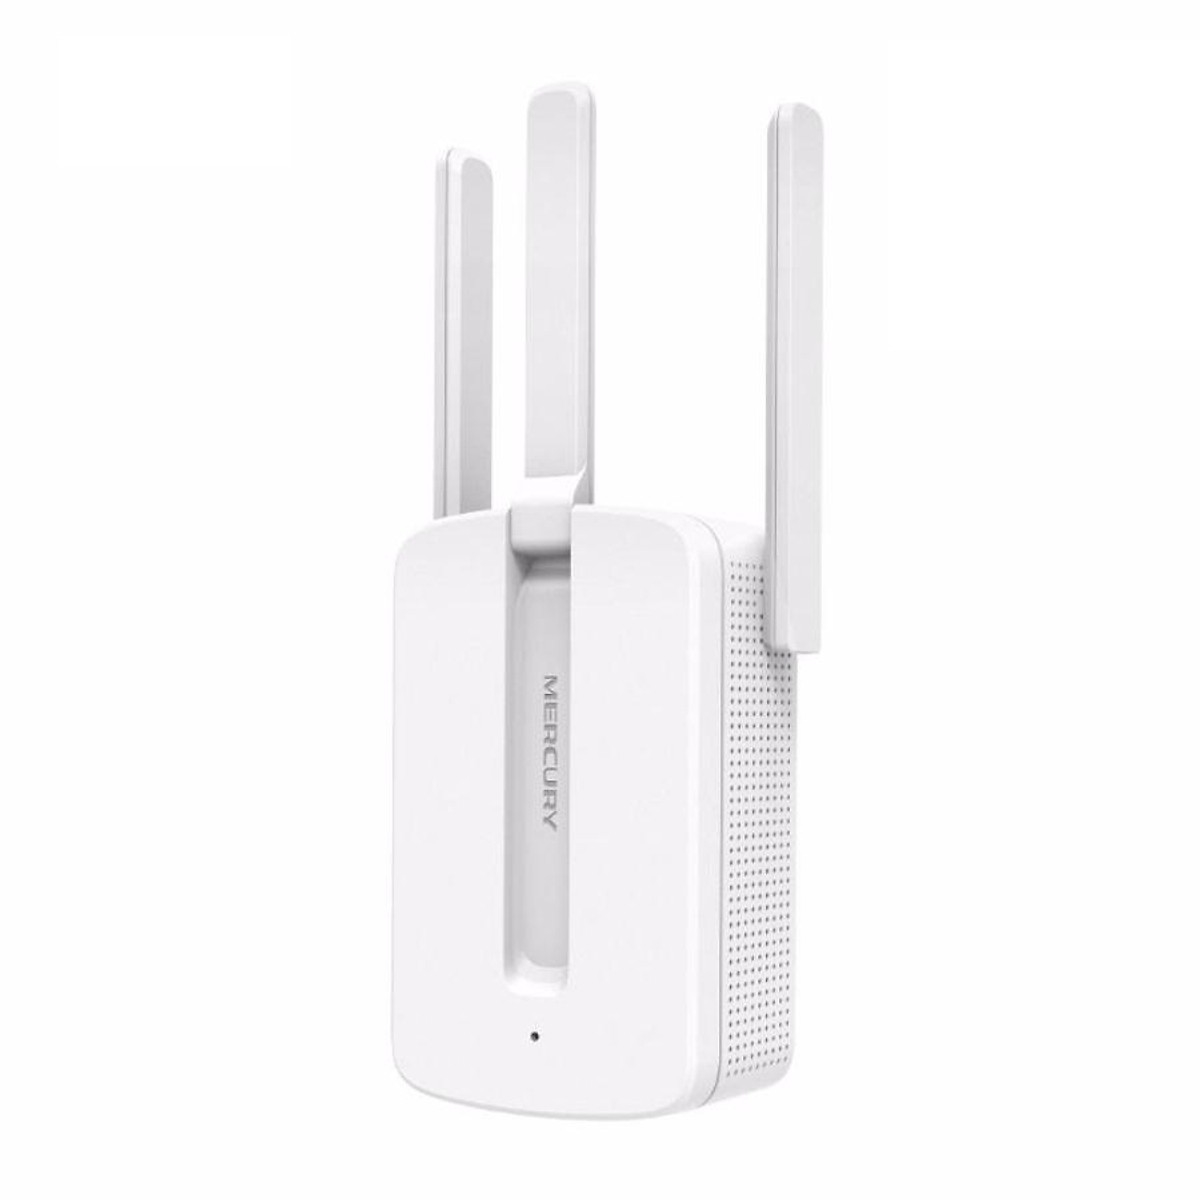 Bộ thiết bị kích sóng wifi 3 râu MERCURY